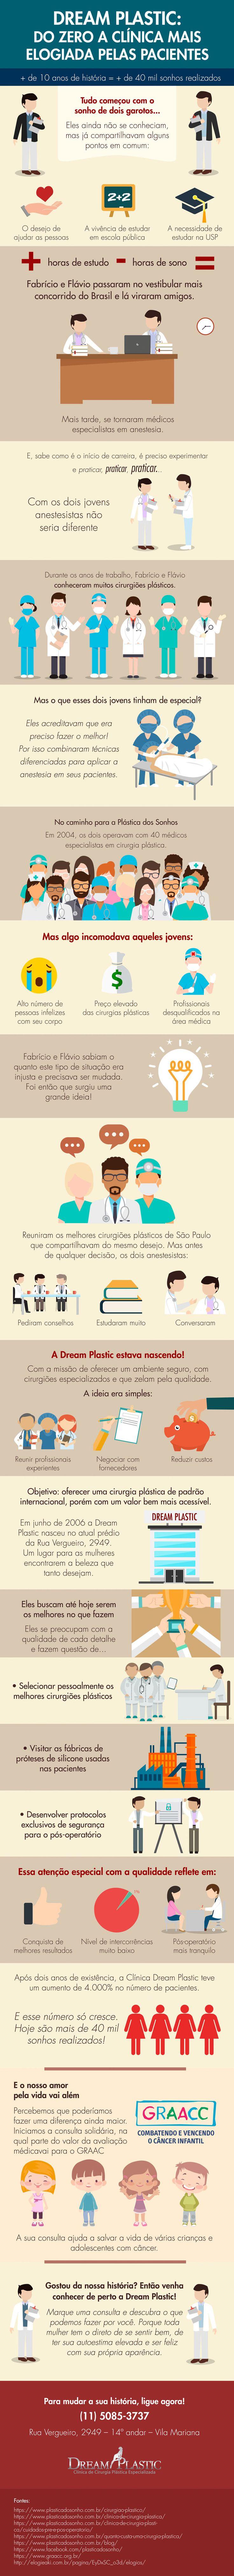 [Infográfico] Dream Plastic: do zero a clínica de cirurgia plástica com mais pacientes satisfeitas